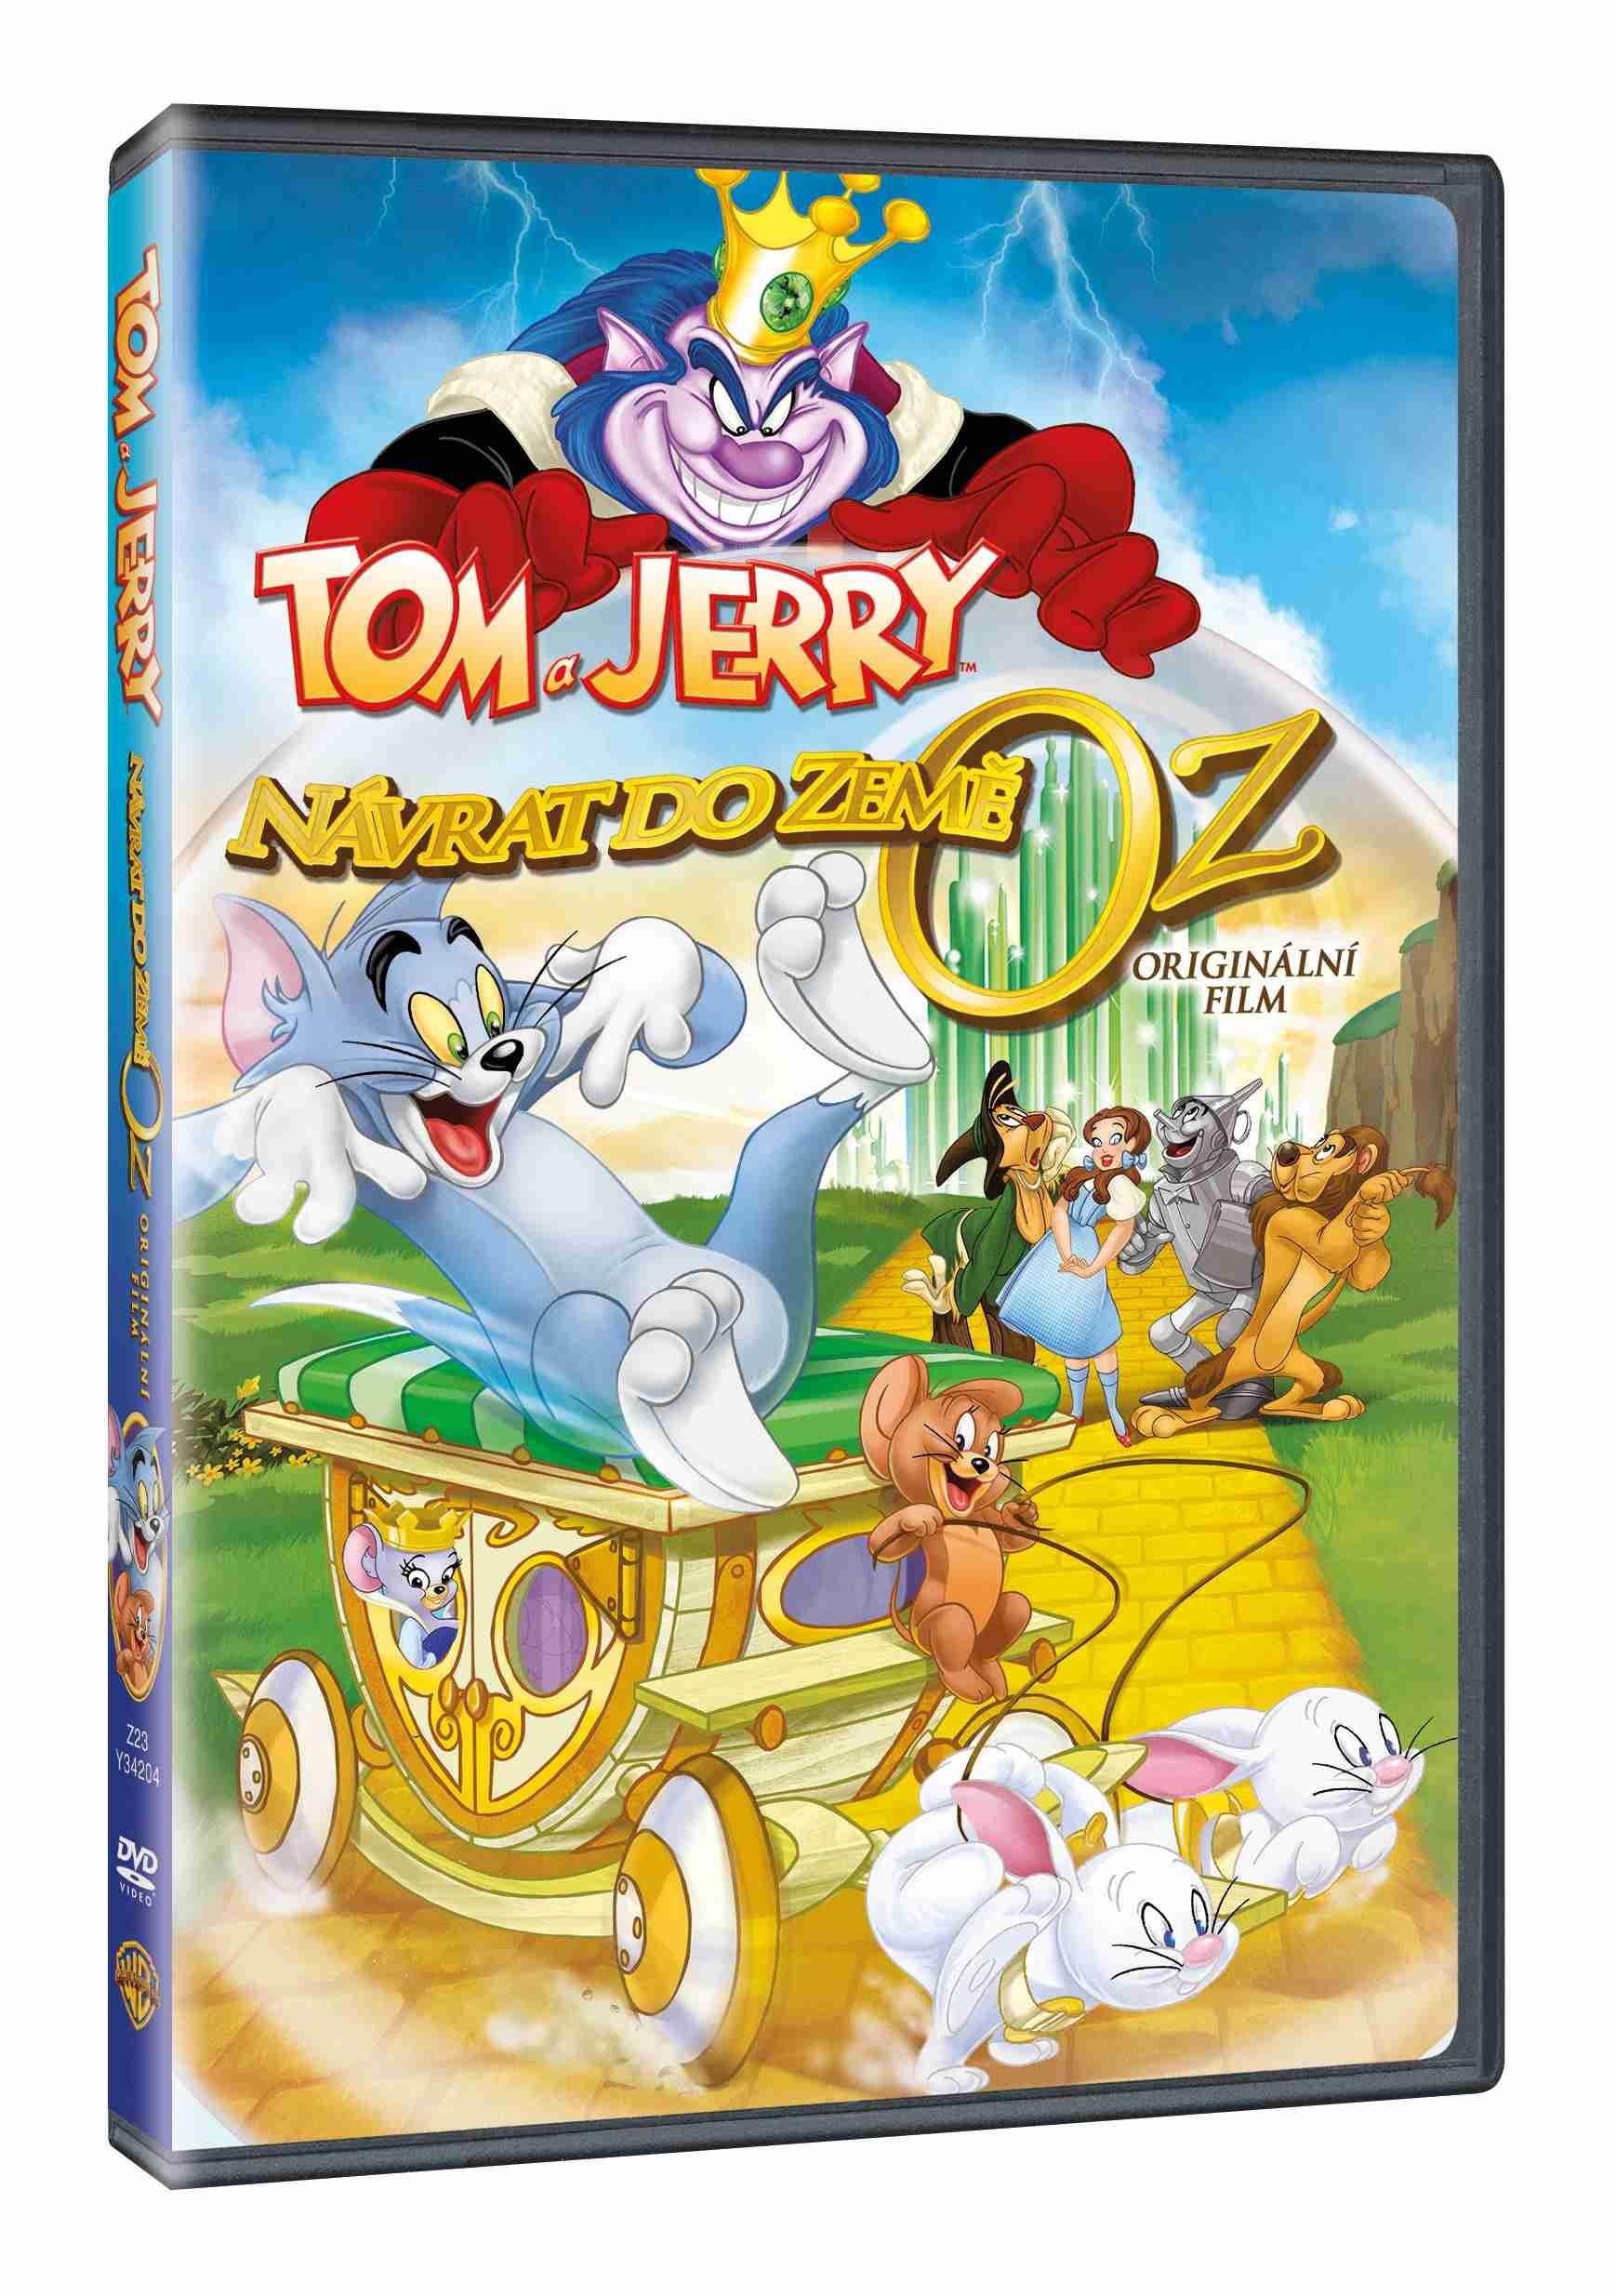 TOM A JERRY: NÁVRAT DO ZEMĚ OZ - DVD